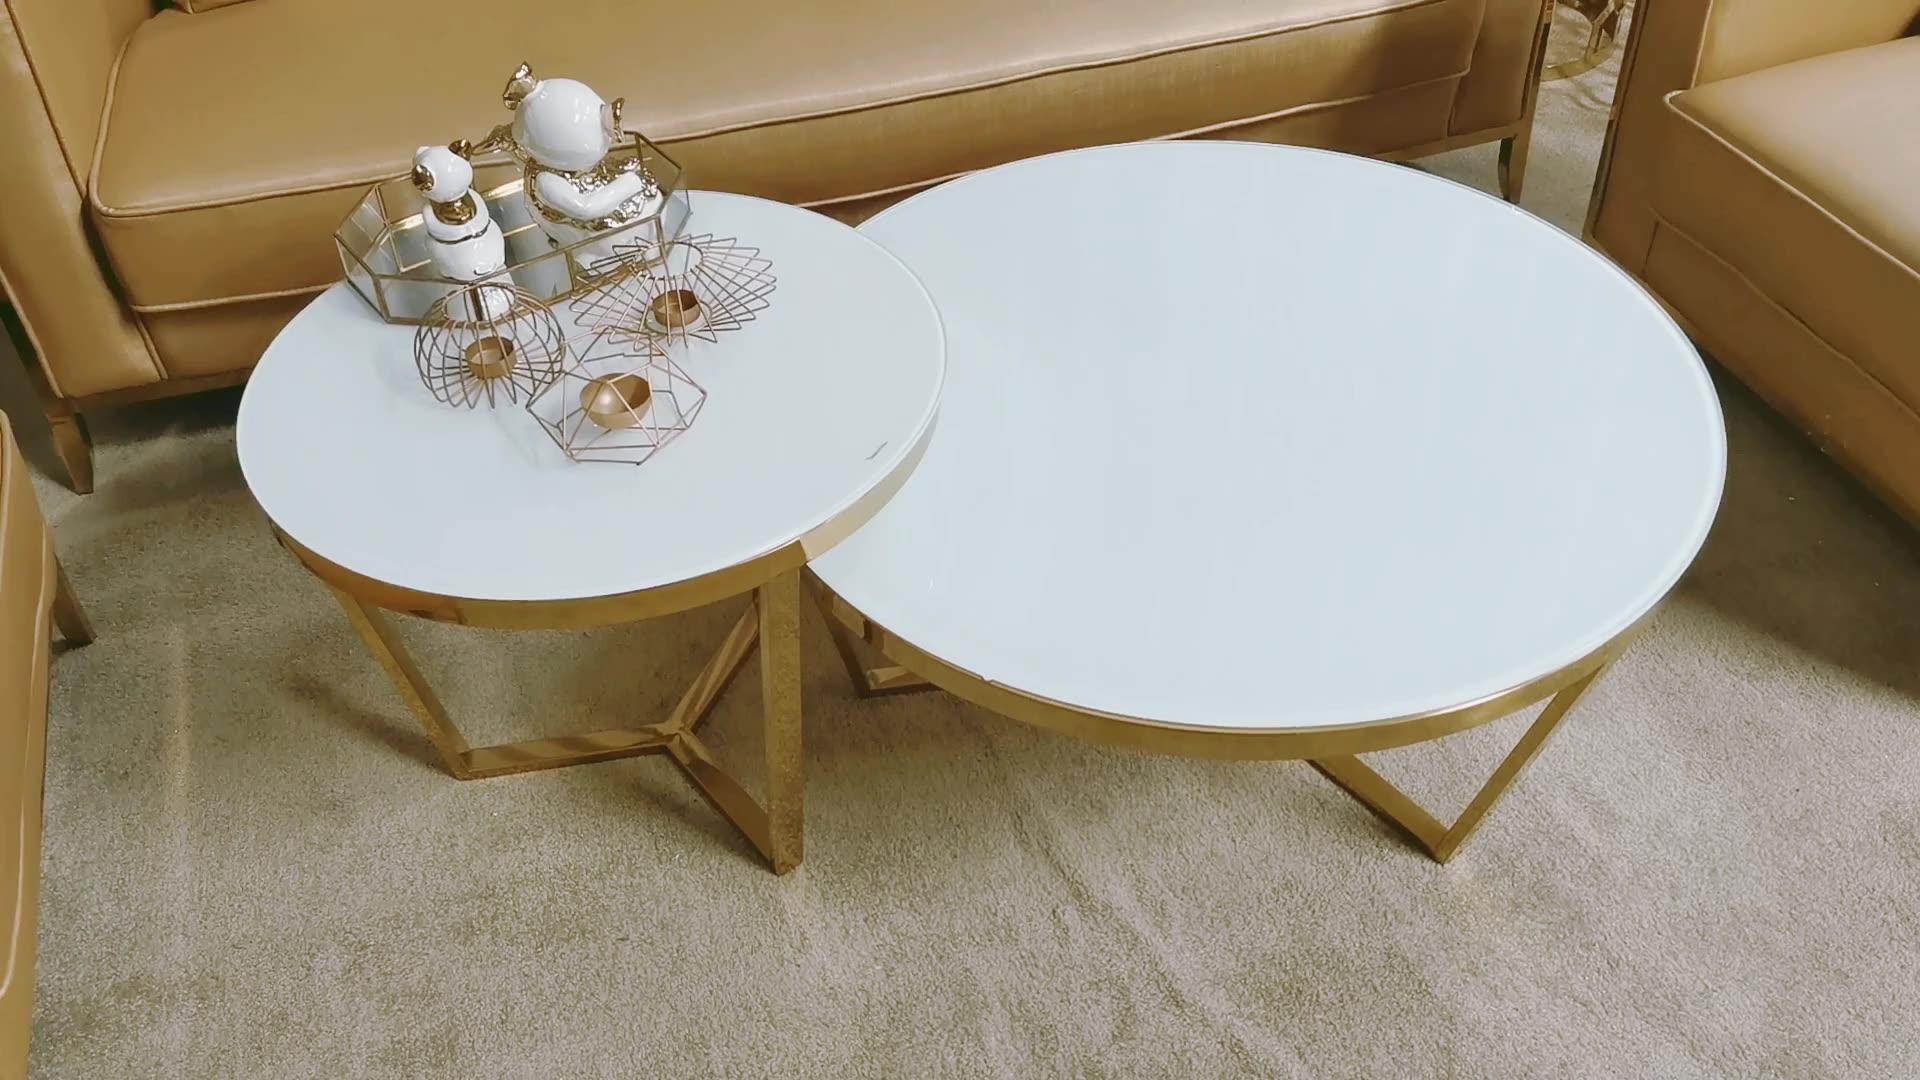 2017 कमरे में रहने वाले कॉफी टेबल अद्वितीय स्टेनलेस स्टील चाय की मेज के लिए गर्म बिक्री CJ007